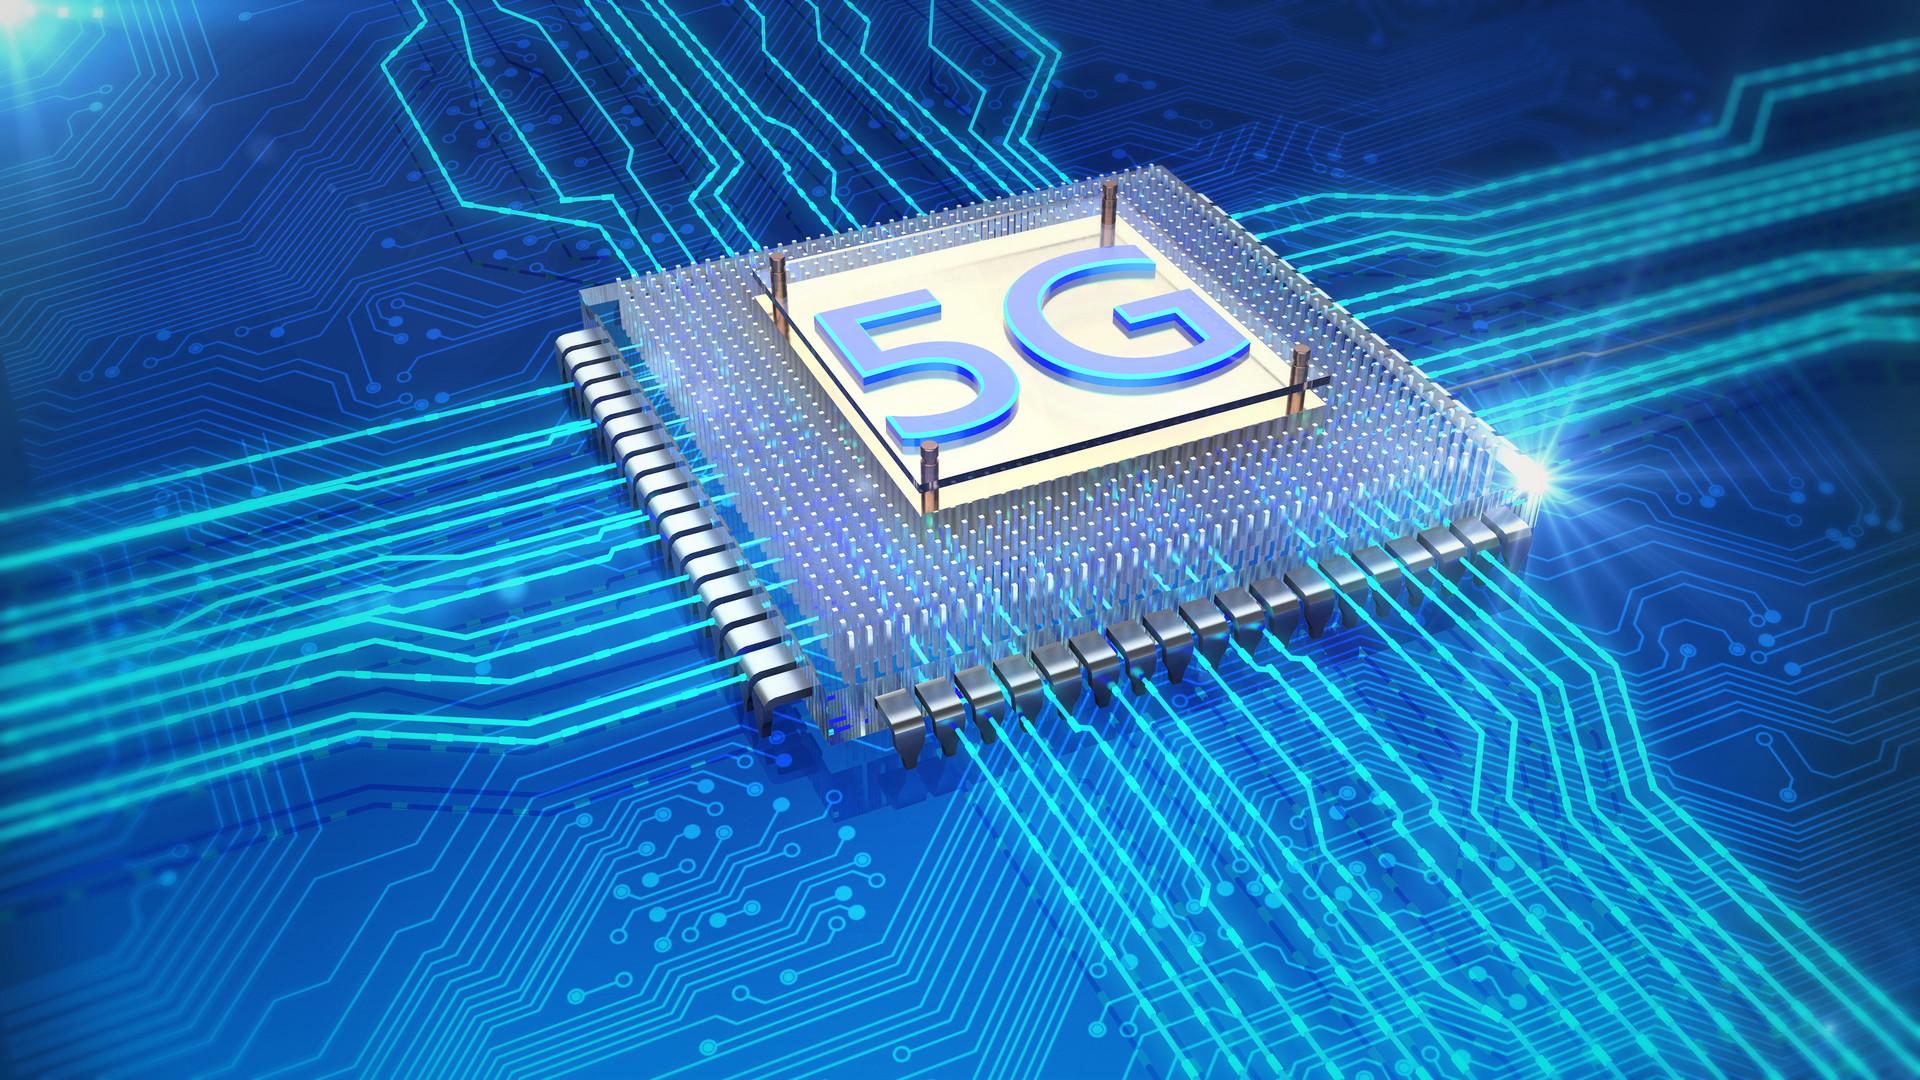 东山精密拟定增募资不超20亿元 加速布局5G产业